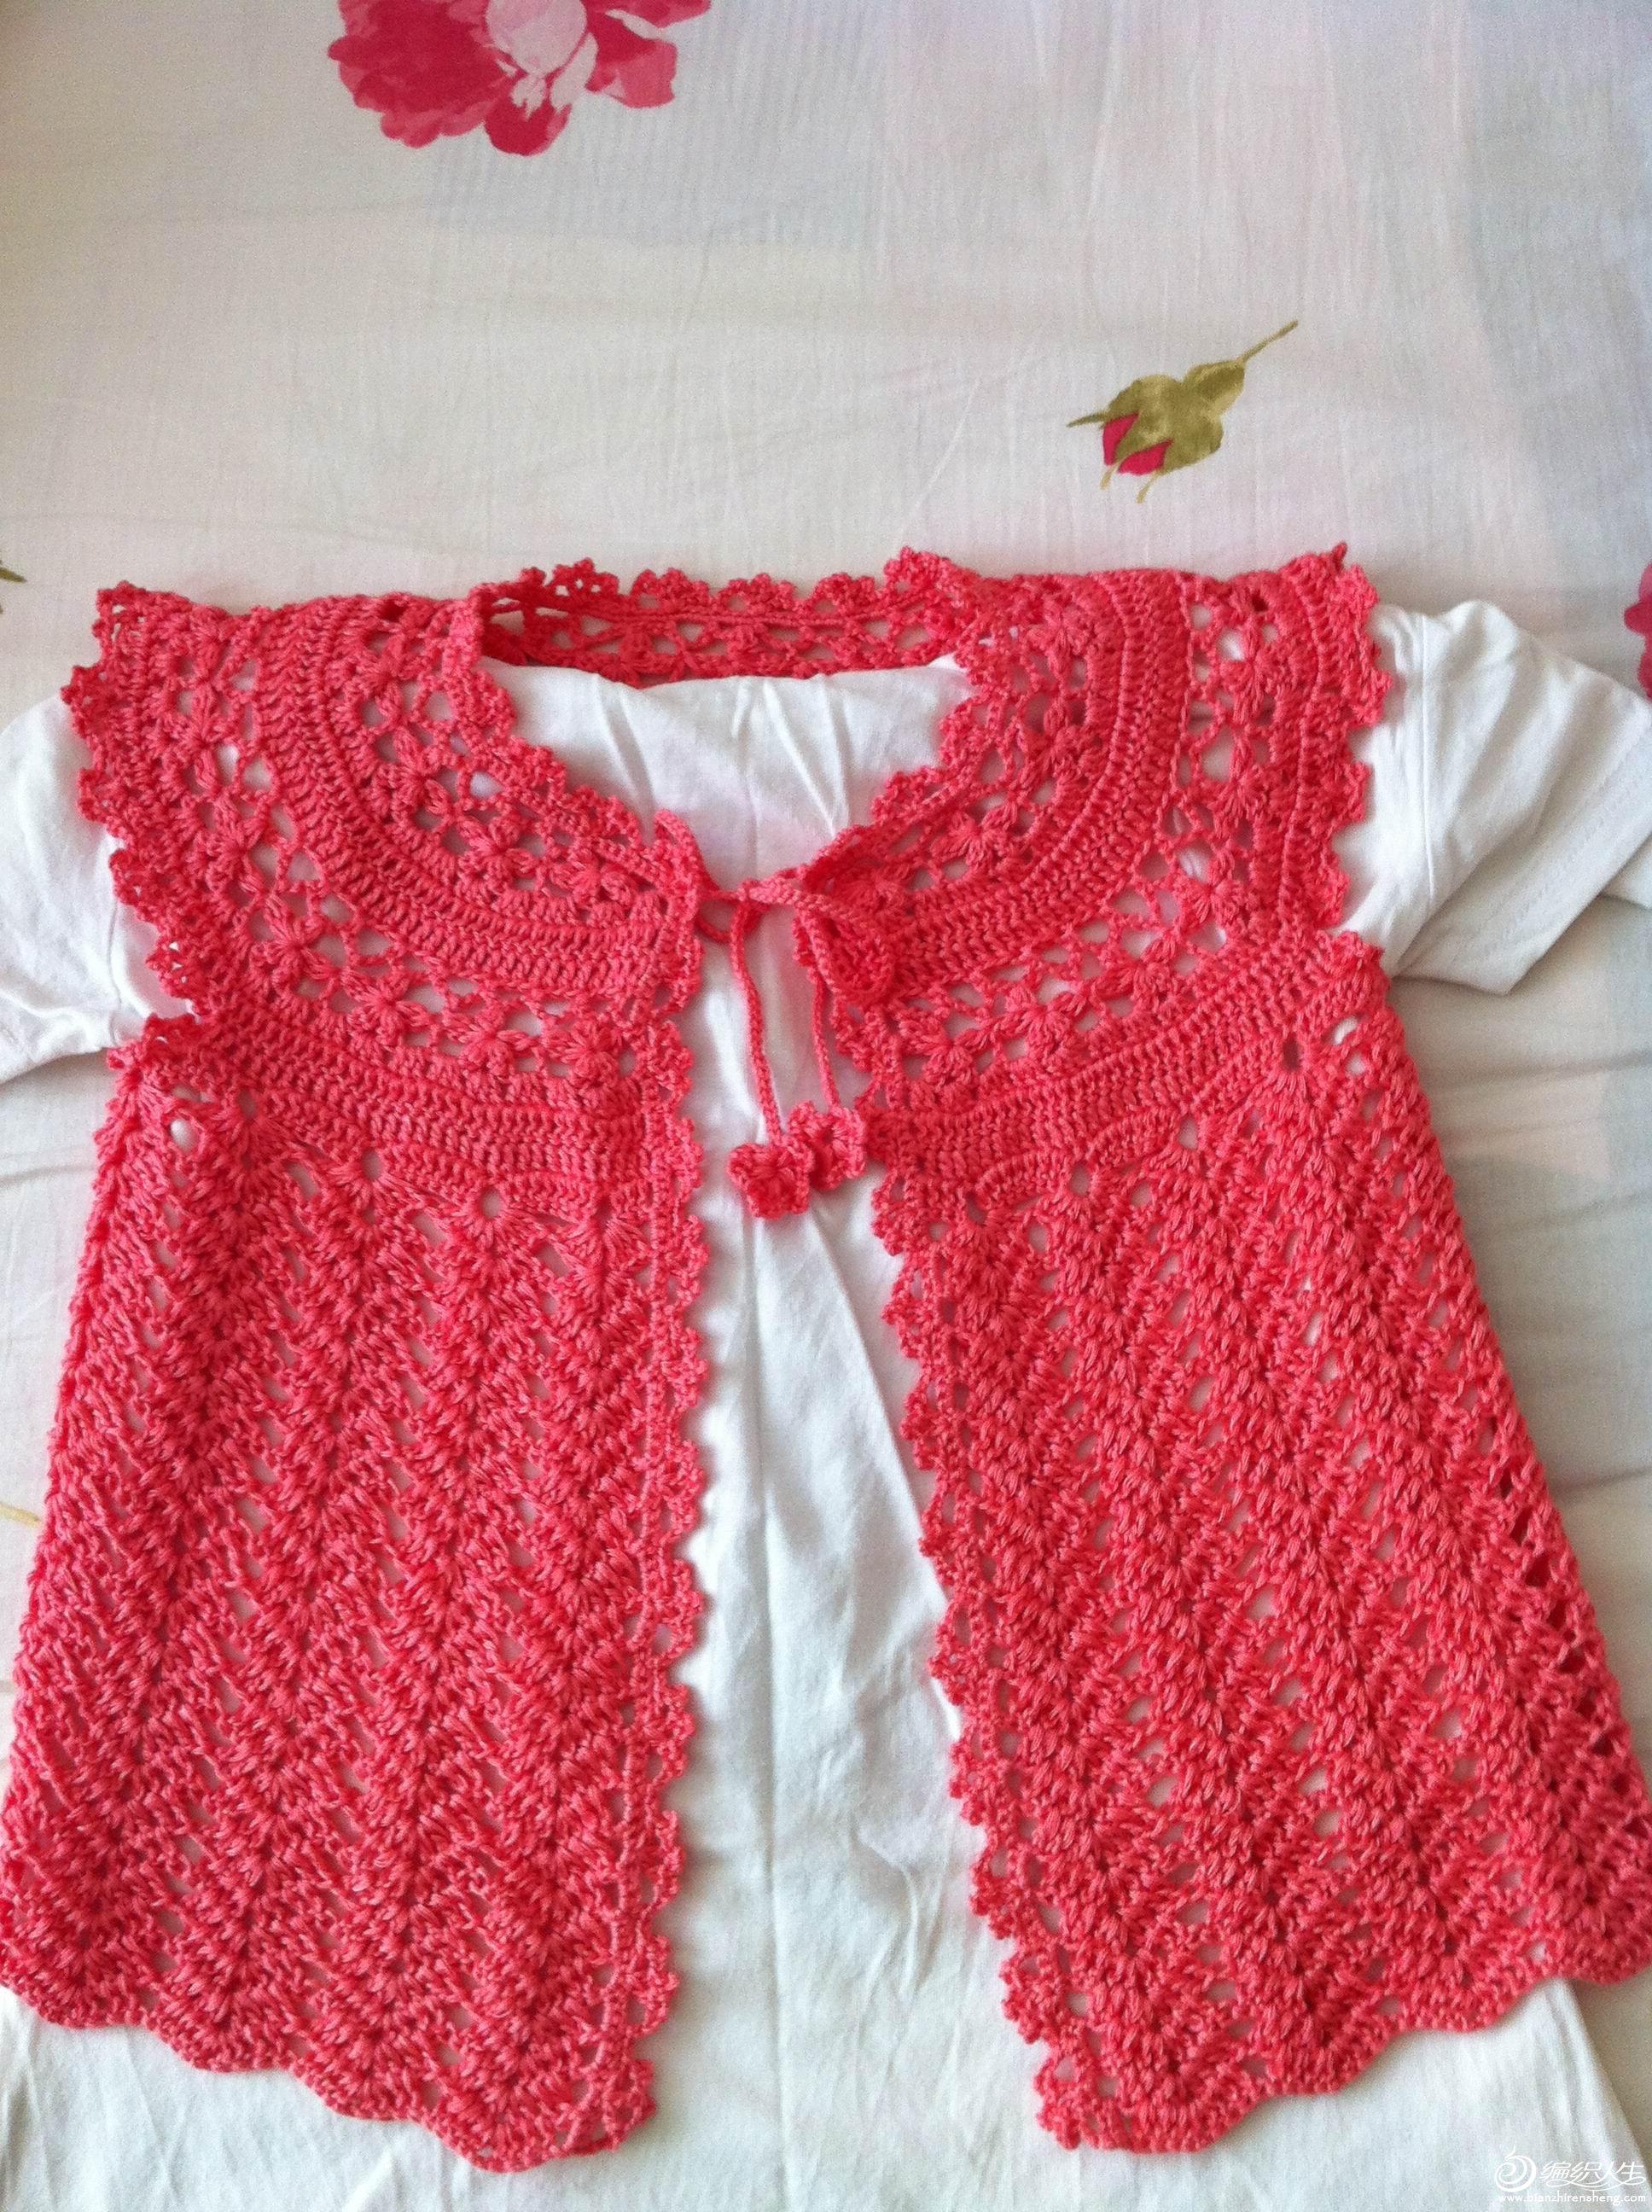 美美的西瓜红,可惜没有小姑娘衬衫打底